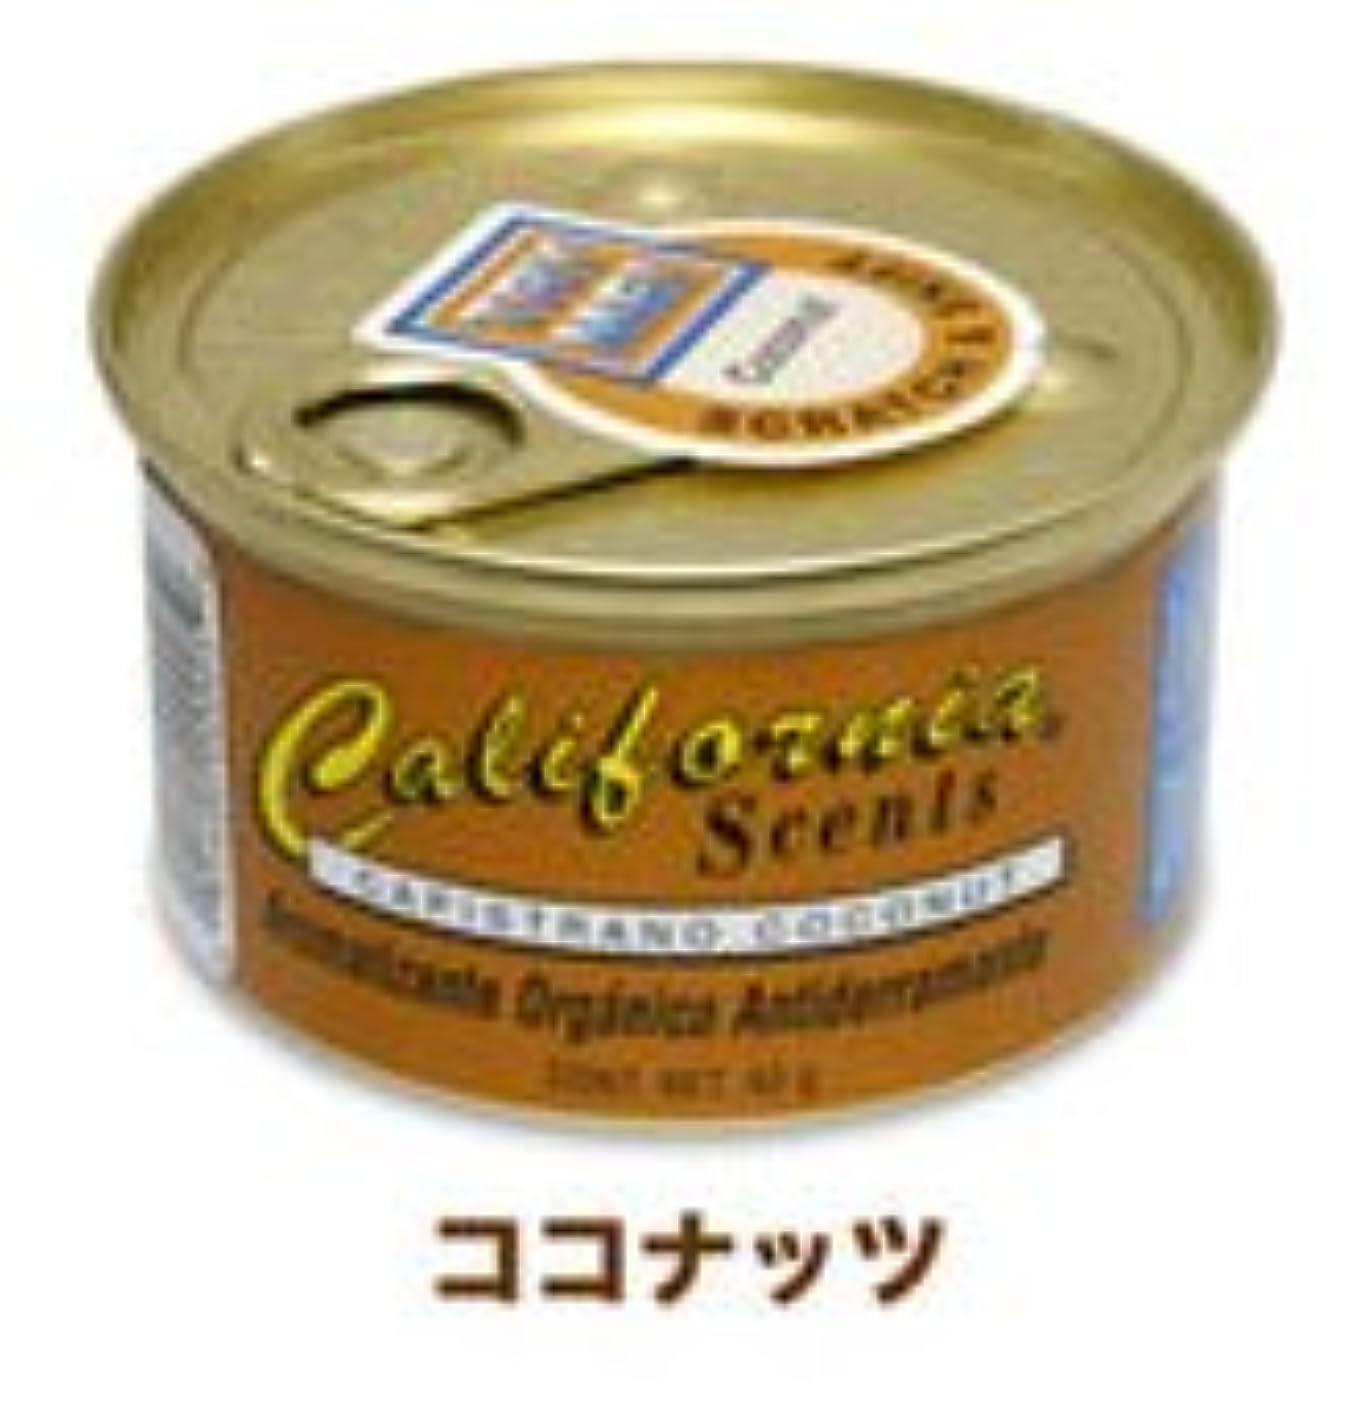 花嫁心臓修理工【California Scents】カリフォルニアセンツ?スピルプルーフオーガニック カピストラーノ ココナッツ